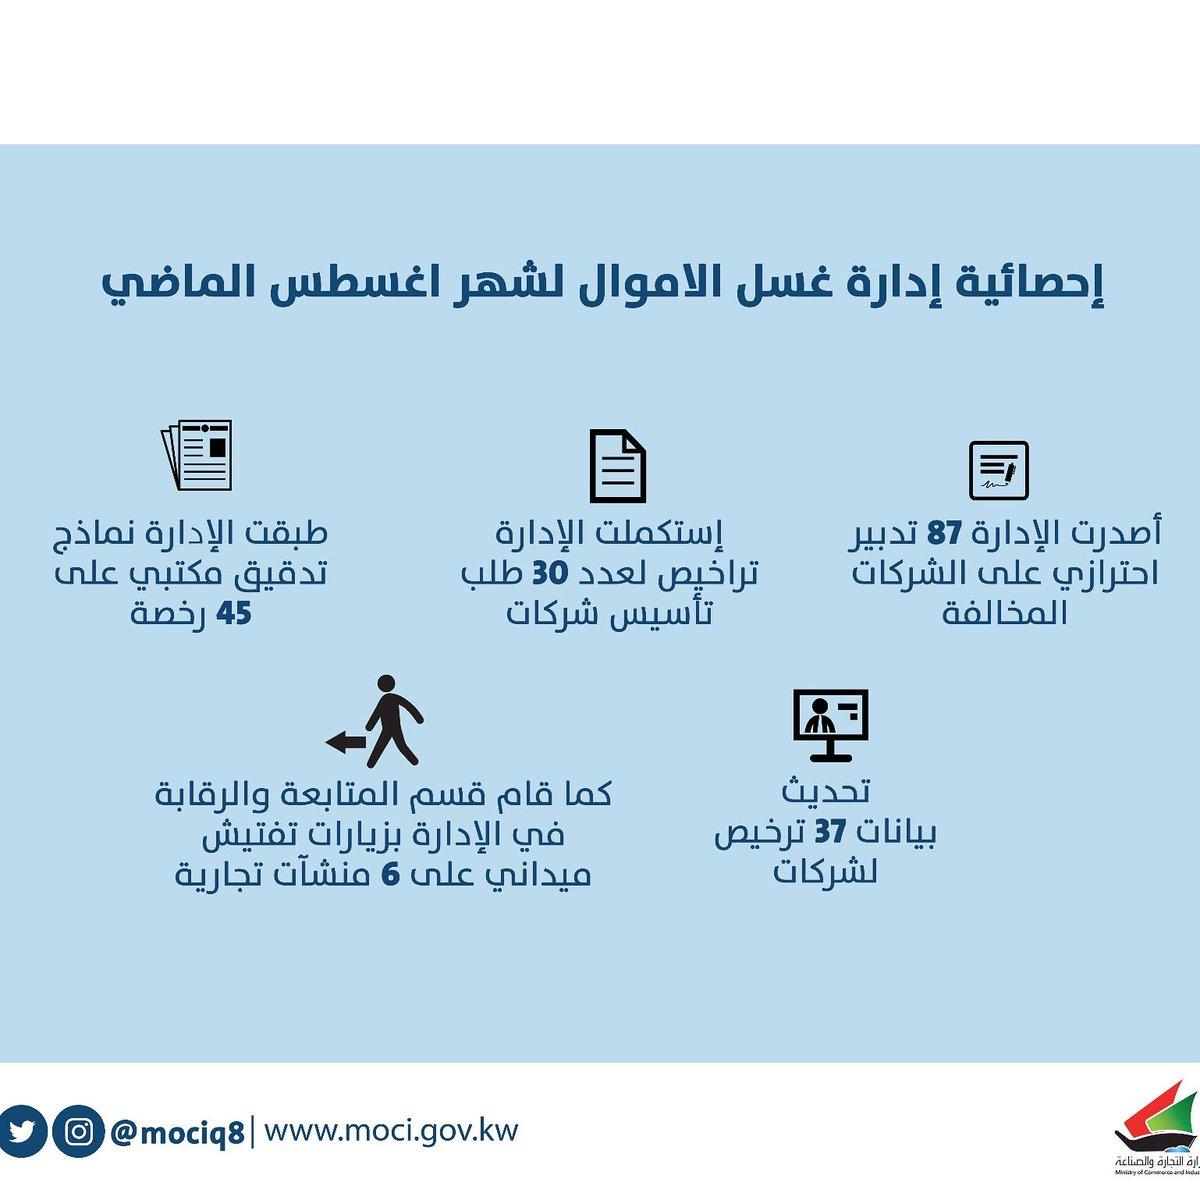 وزارة التجارة On Twitter إحصائية إدارة غسل الأموال لشهر أغسطس الماضي